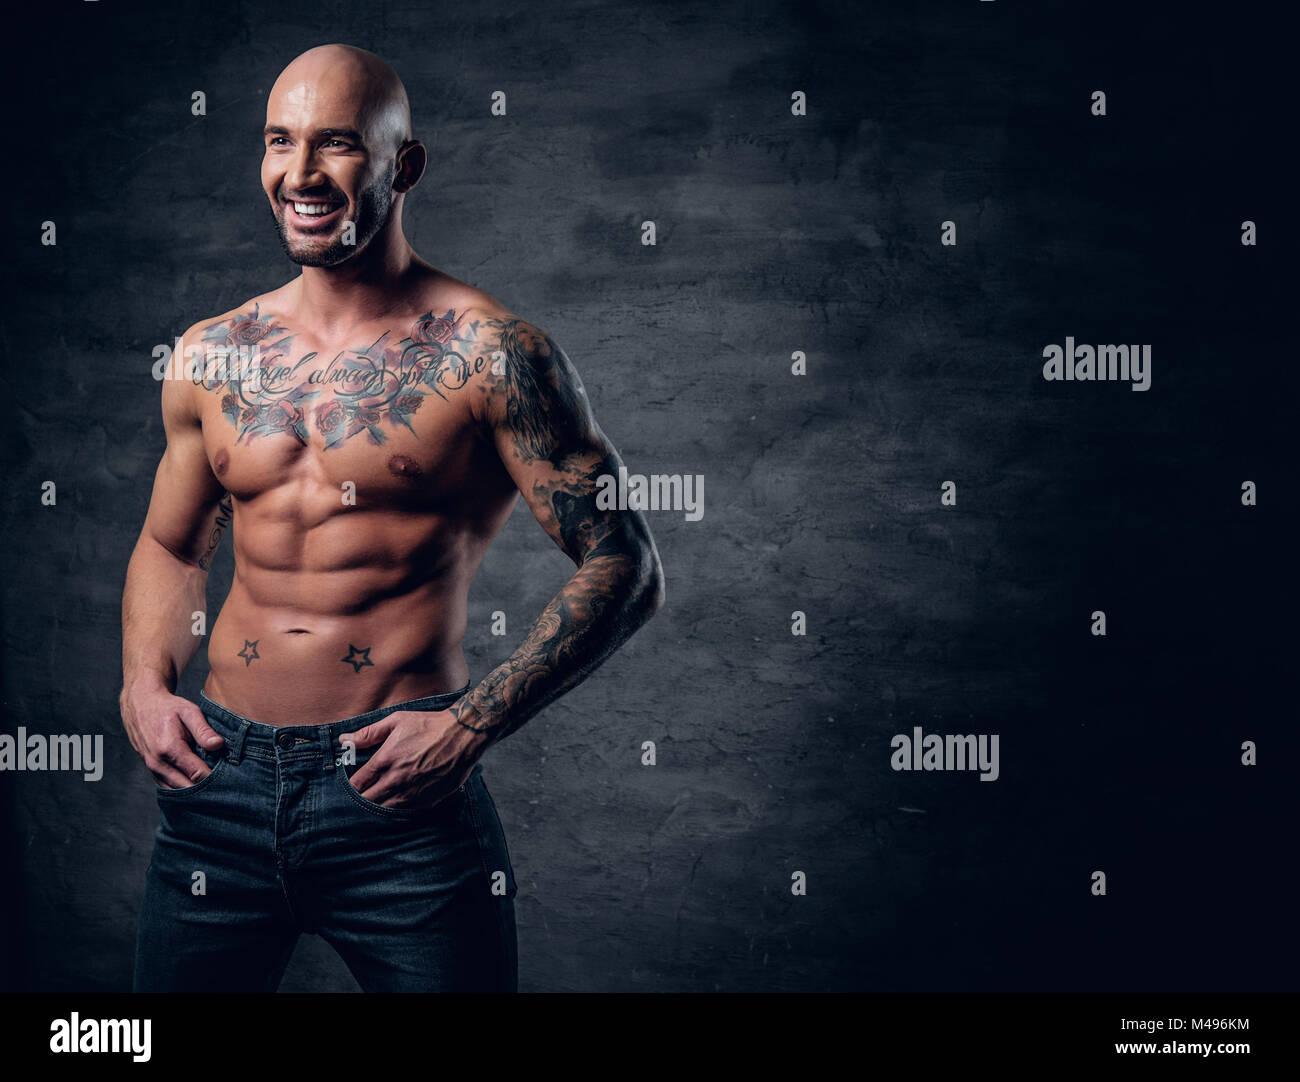 Männer mit tattoos muskulöse Erstaunliche Wassermann